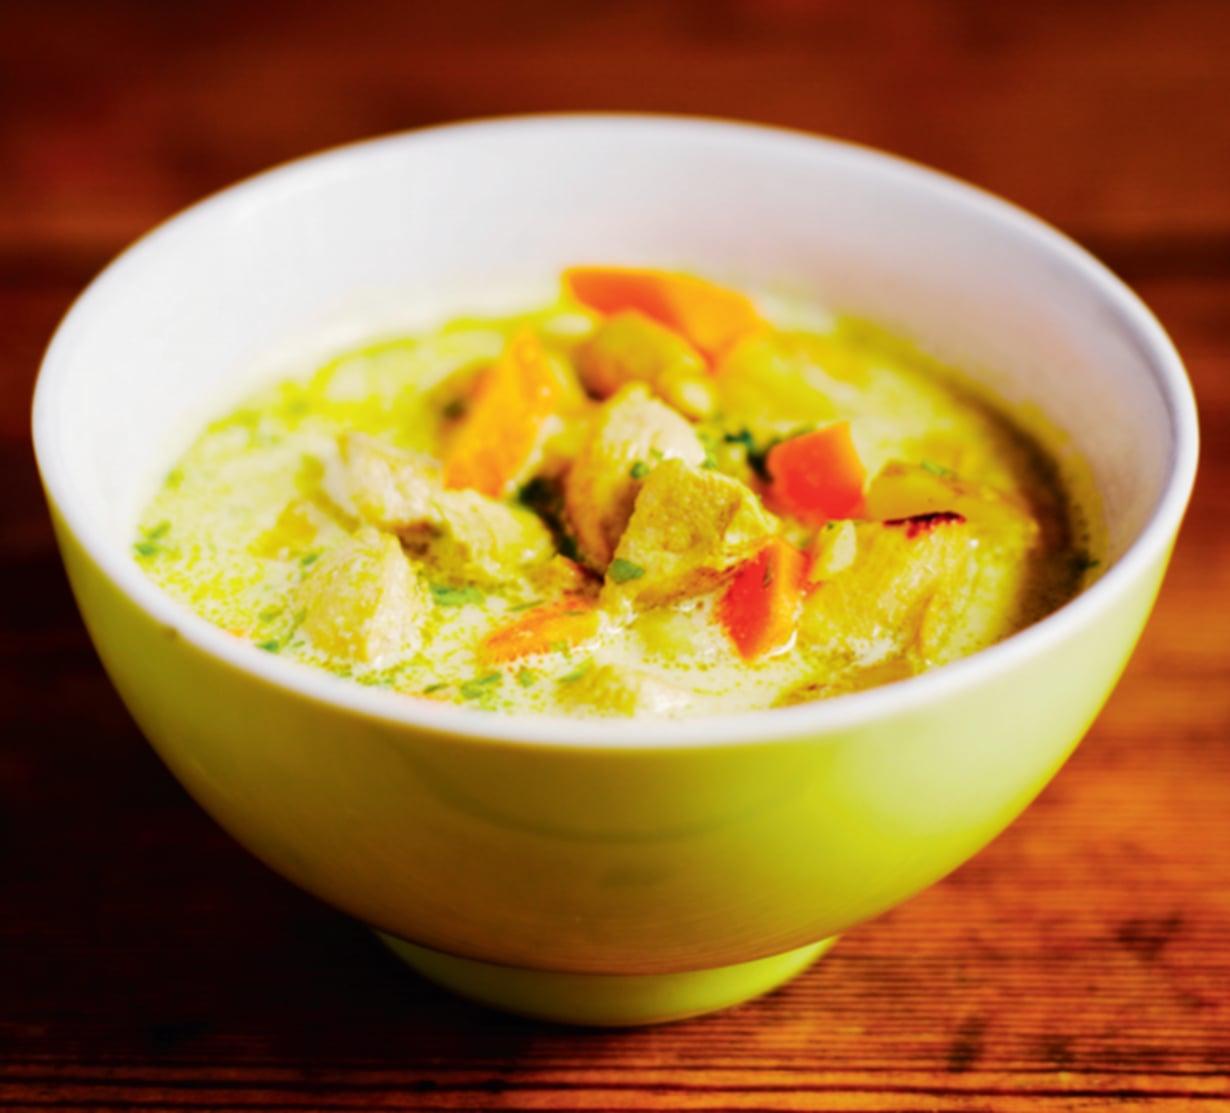 Mehevän kanakeiton mausteena on curry, jota voi lisätä ruokaan oman makunsa mukaan.